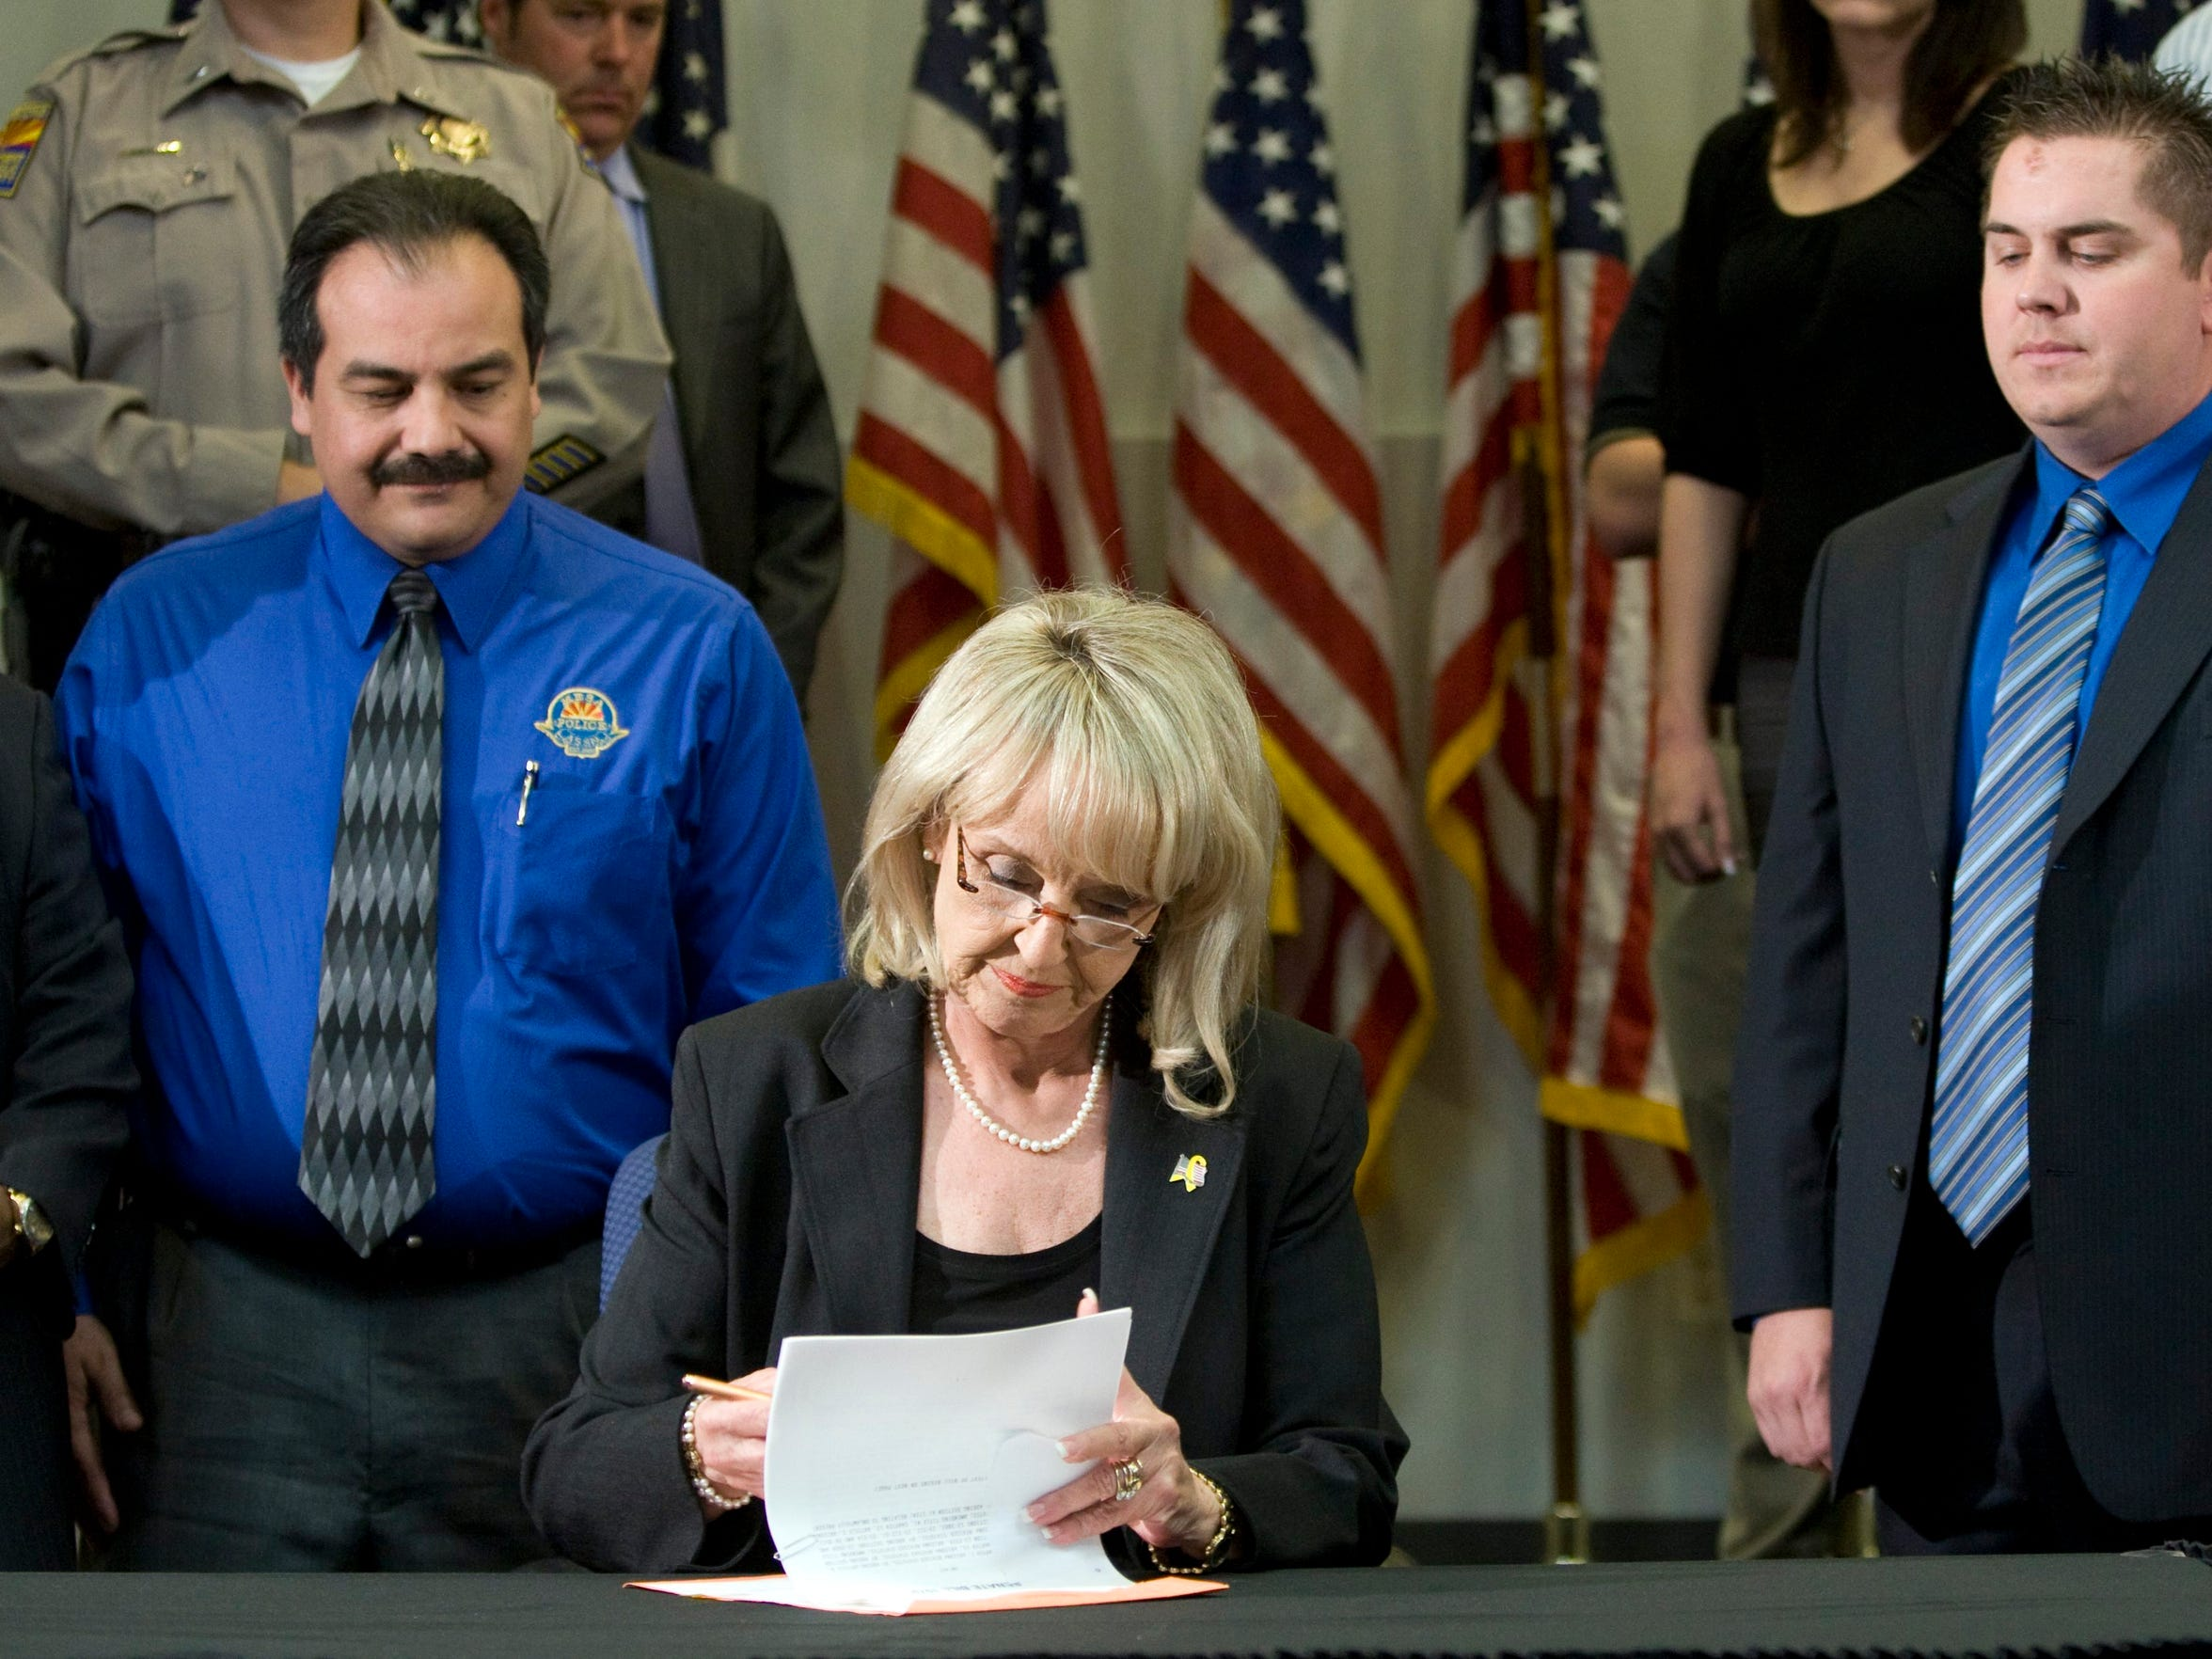 El 23 de abril del 2010, la entonces gobernadora de Arizona Jan Brewer firmó la ley SB1070.